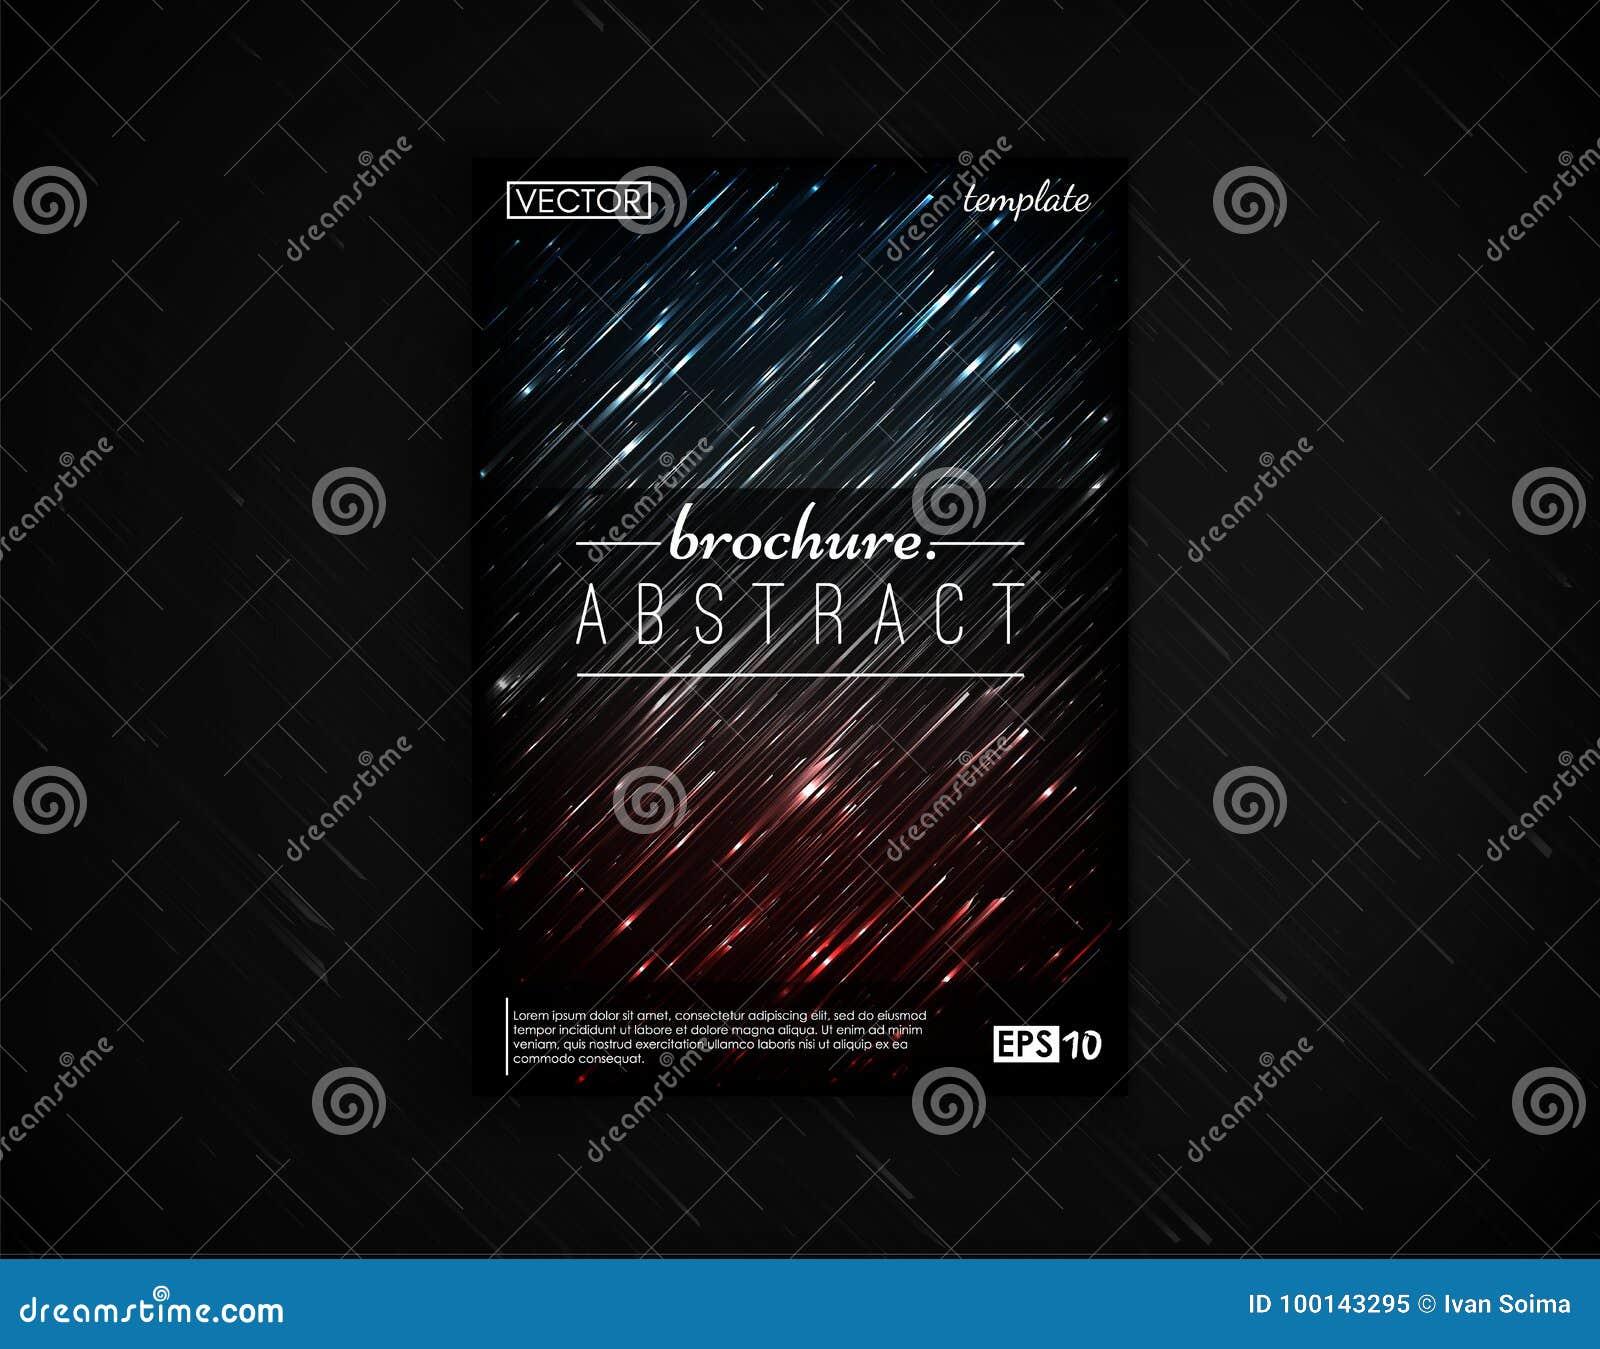 Carte Postale De Conception Couverture Brochure Disolement Le 2d Mouvement Fond Objecte Futuriste Affiche Insecte Visite